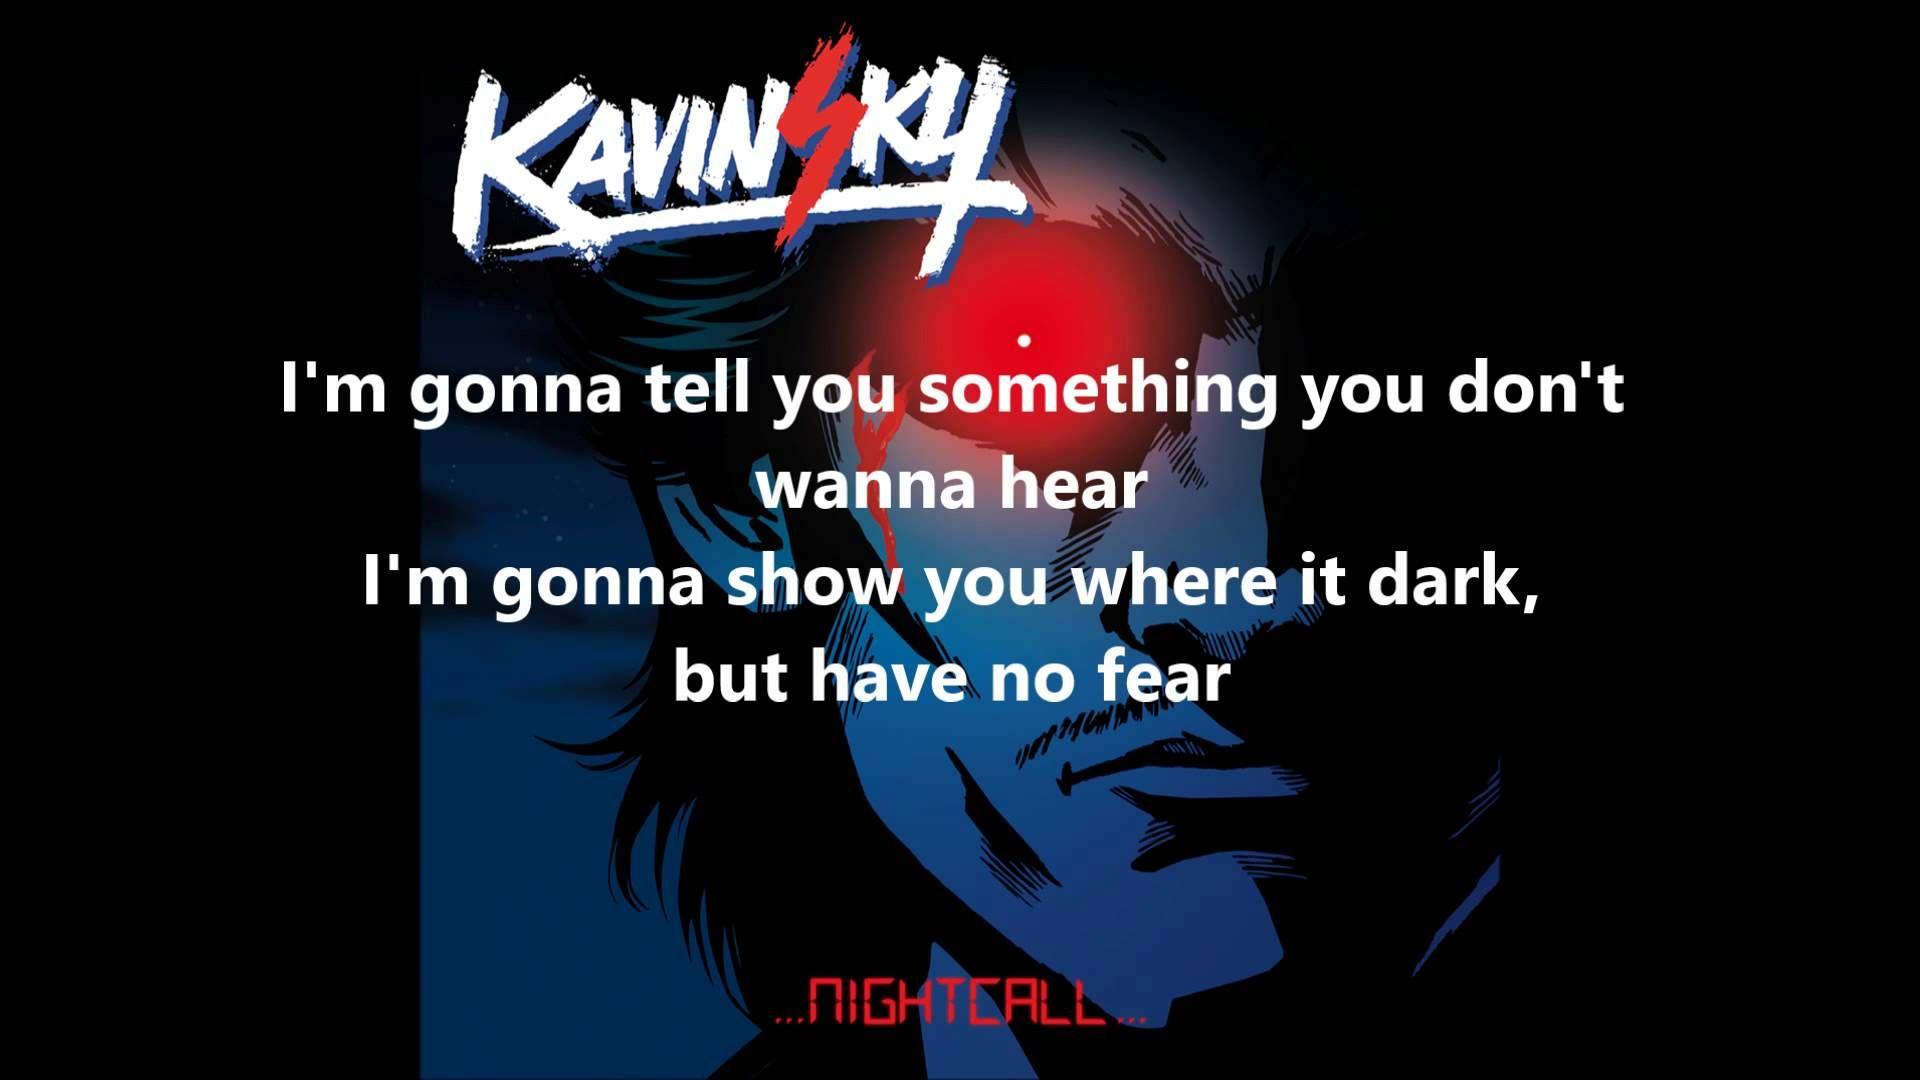 Lovely Lyrics. Nightcall performed by Kavinsky Lyrics